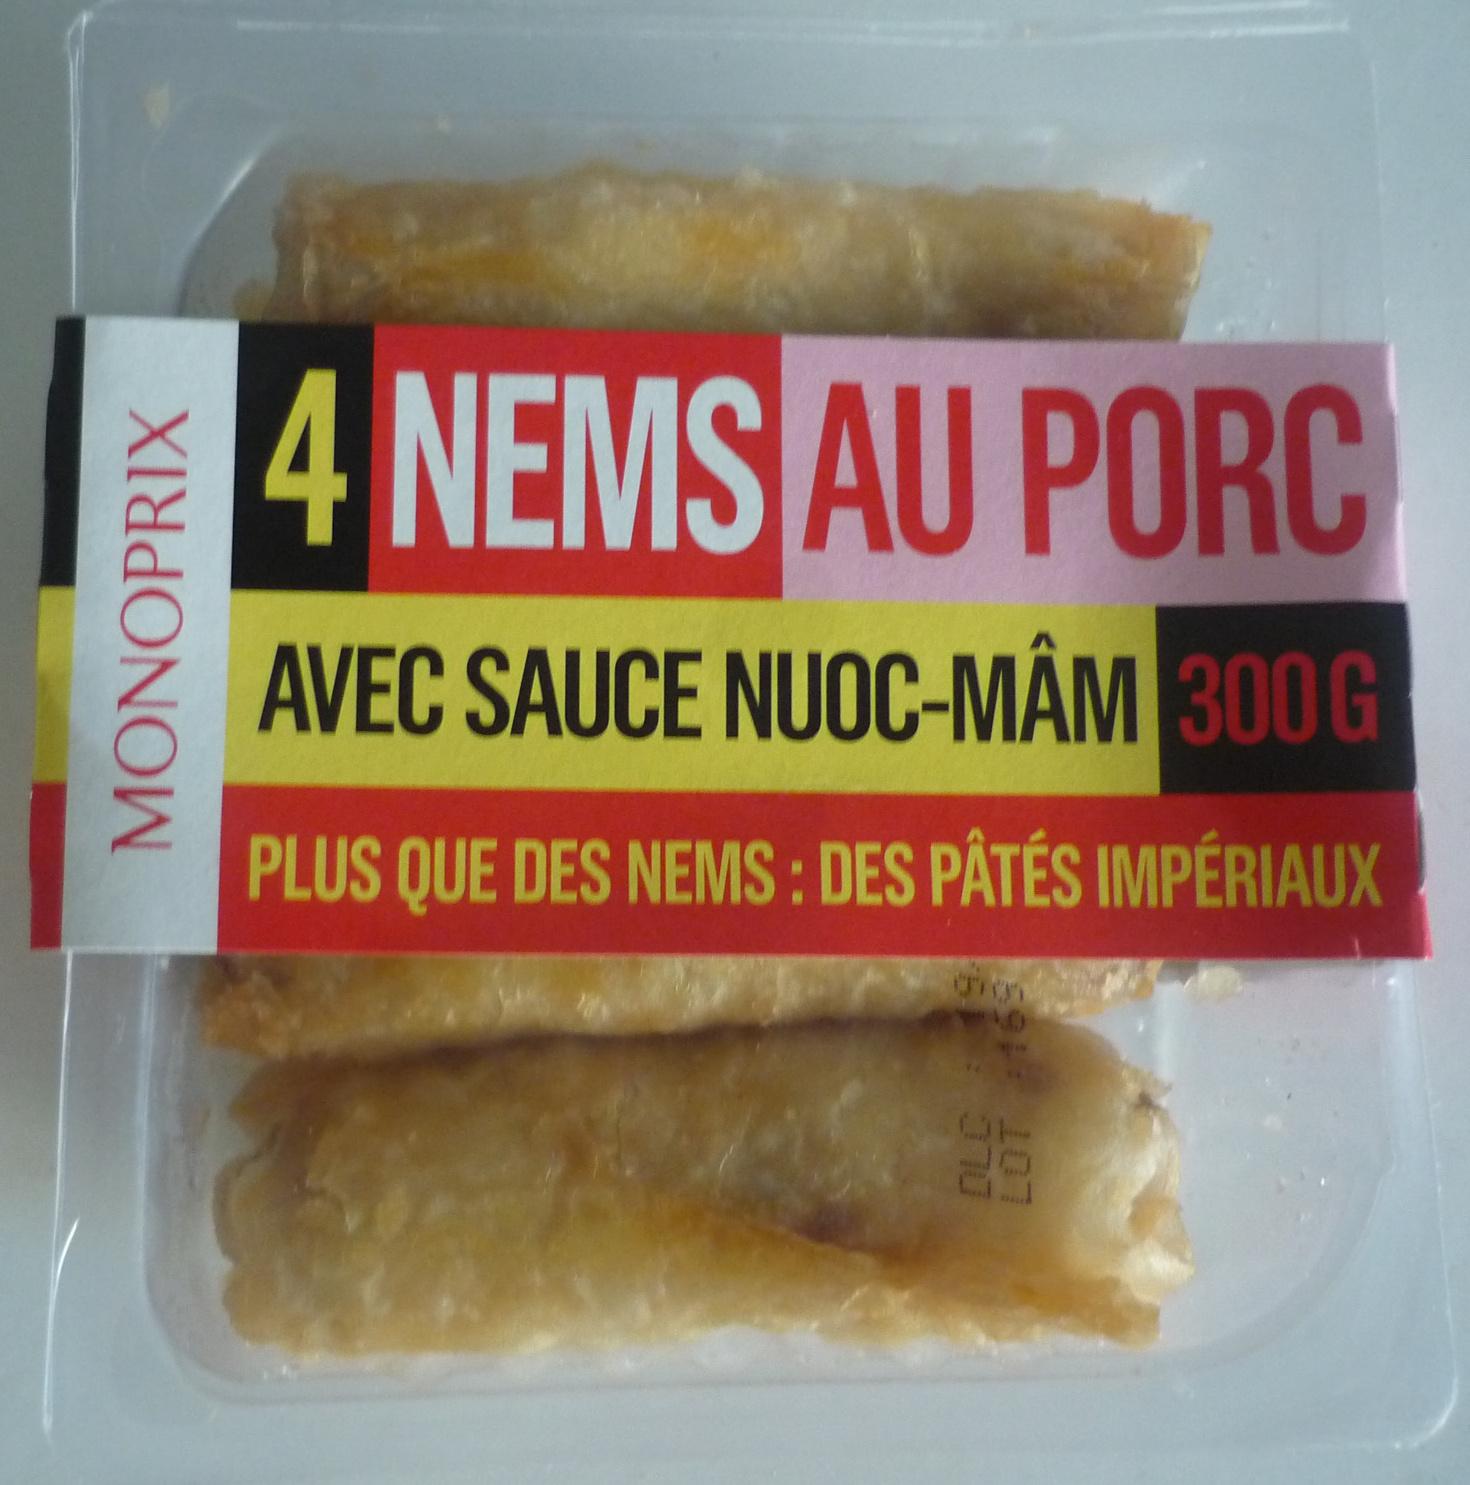 4 Nems au Porc avec Sauce Nuoc-Mâm - Produit - fr